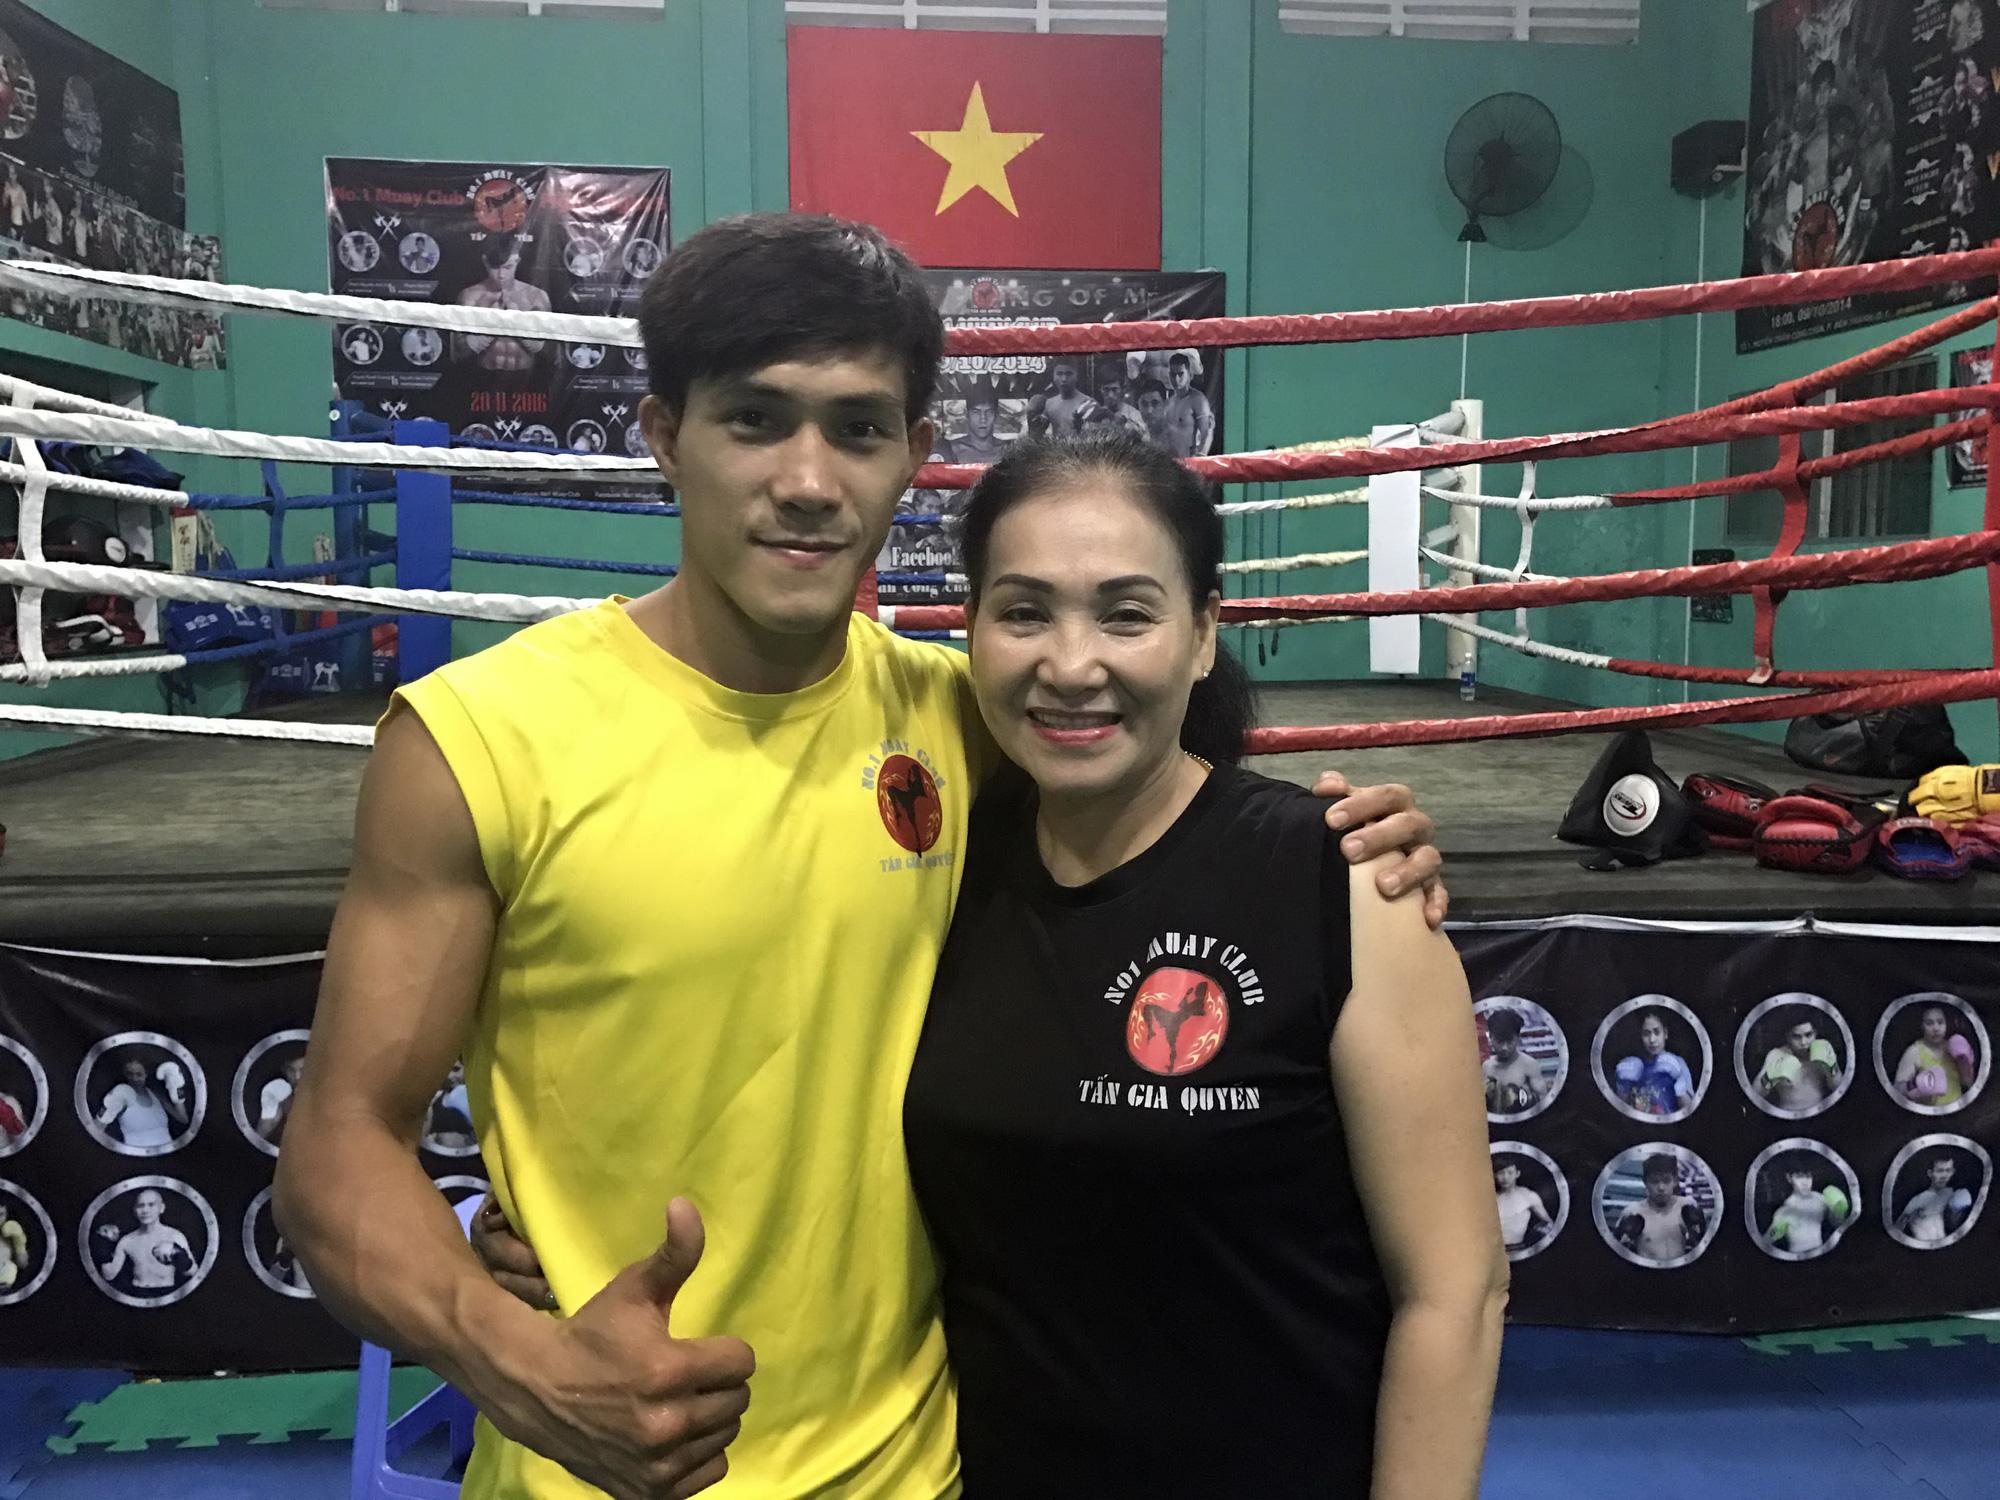 """Bí mật về Nguyễn Trần Duy Nhất: Mẹ là võ sĩ MMA """"vô đối"""" tại Việt Nam - Ảnh 1."""